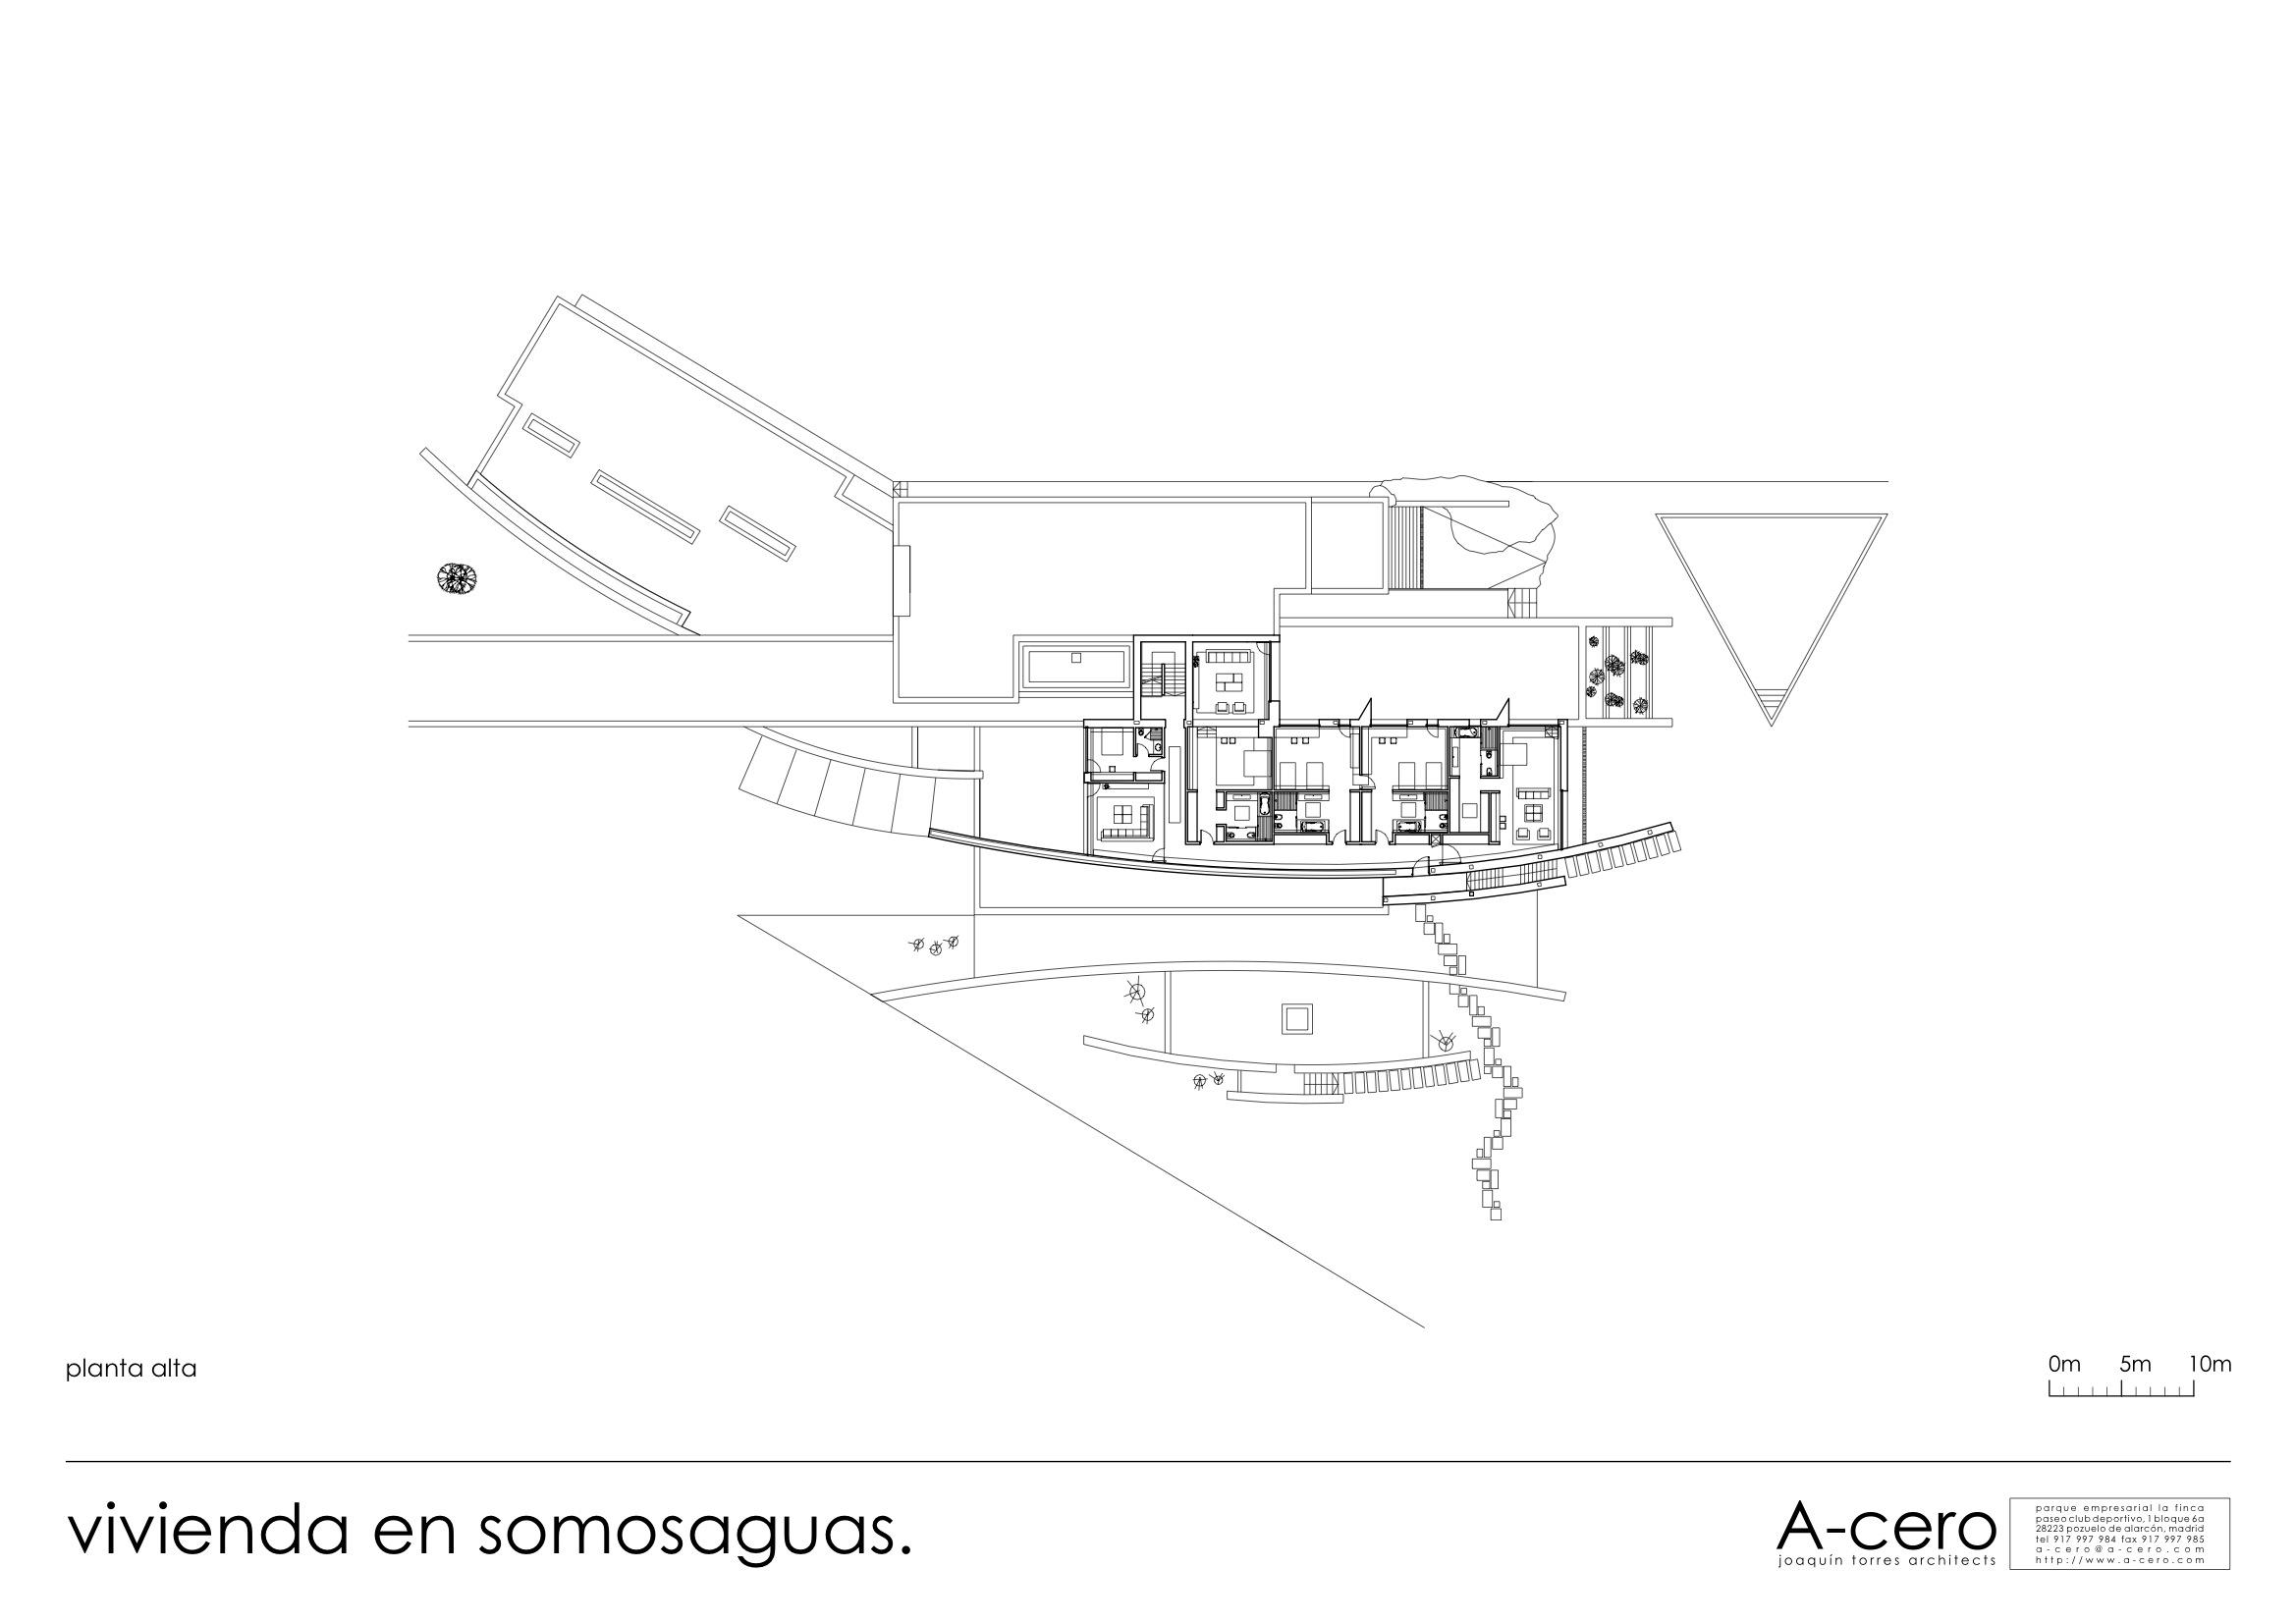 Casa en Somosaguas, A-cero, arquitectura, casas